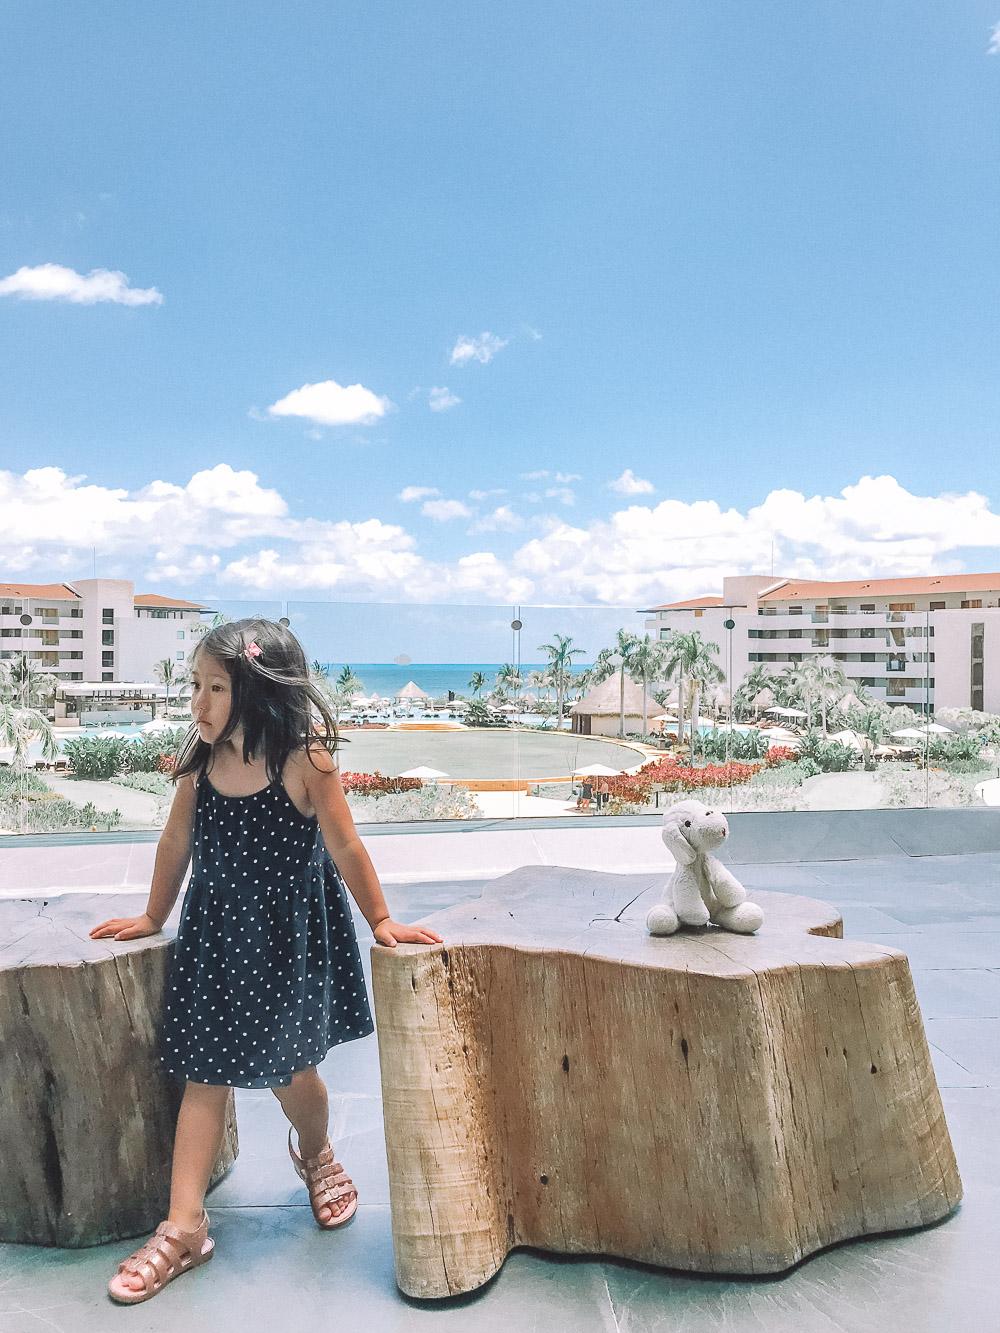 dreams playa mujeres reviews